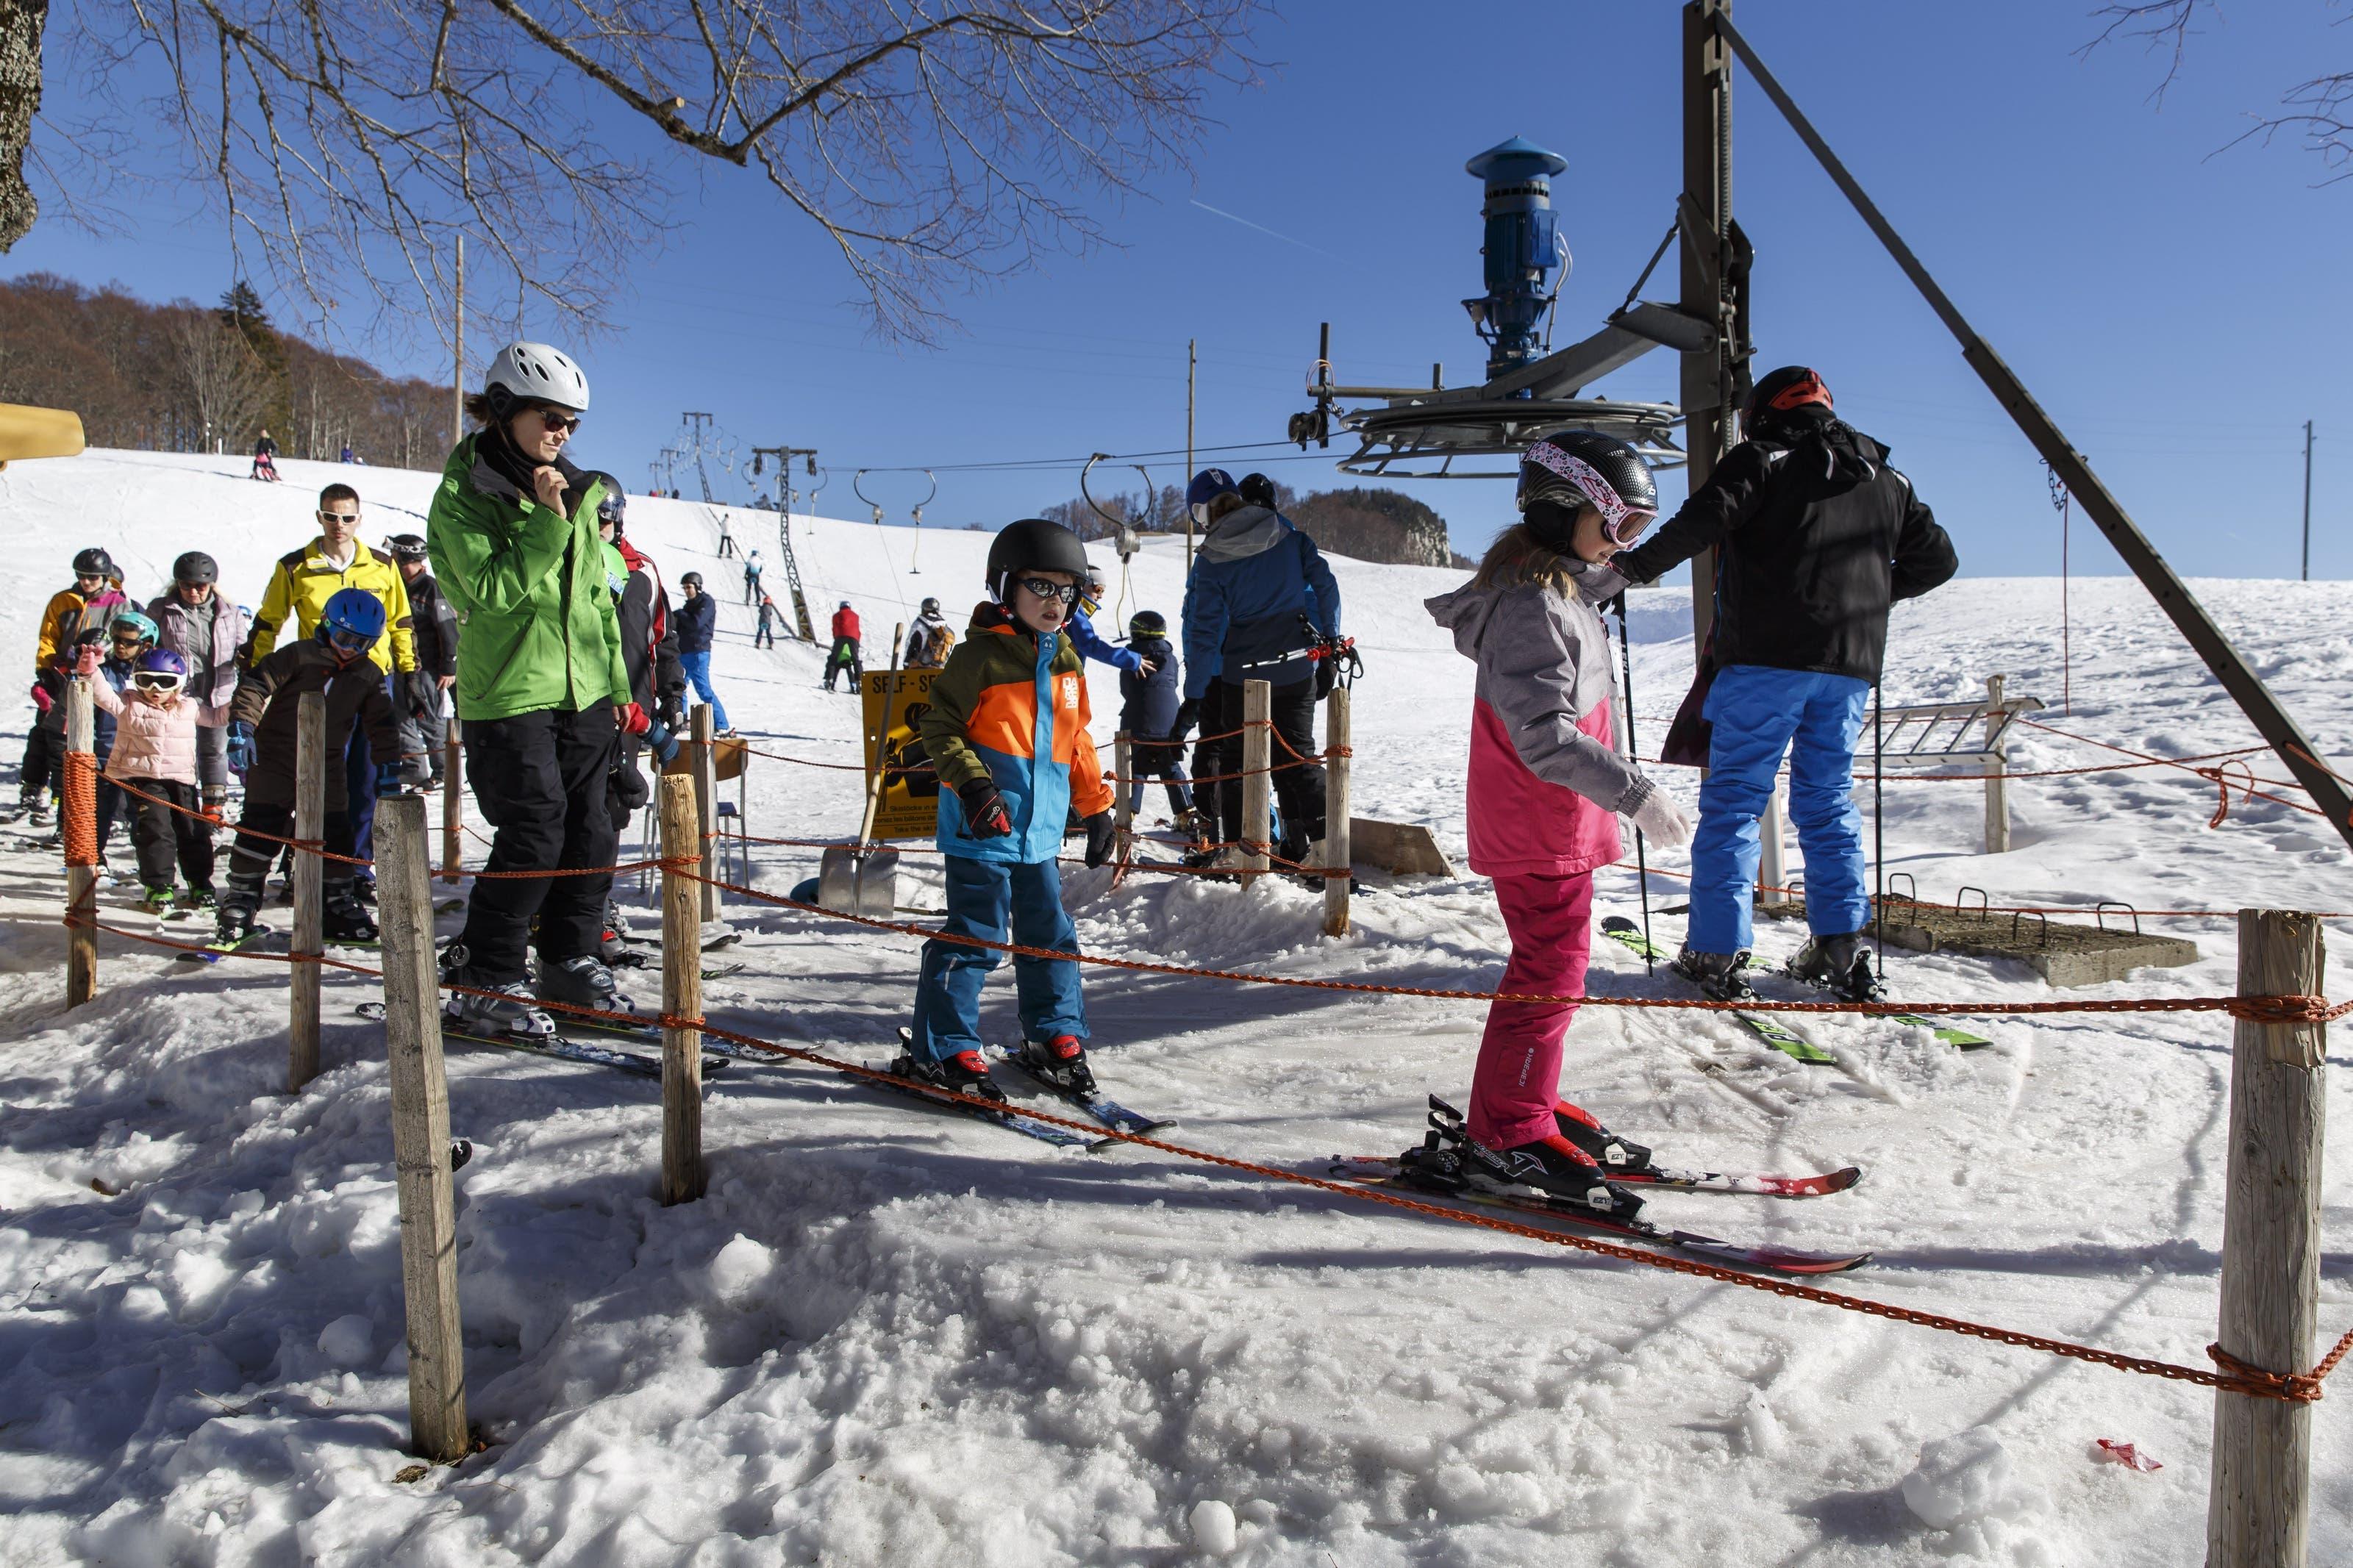 Skifahren auf dem Balmberg am Wochenende vom 16. und 17. Februar 2019